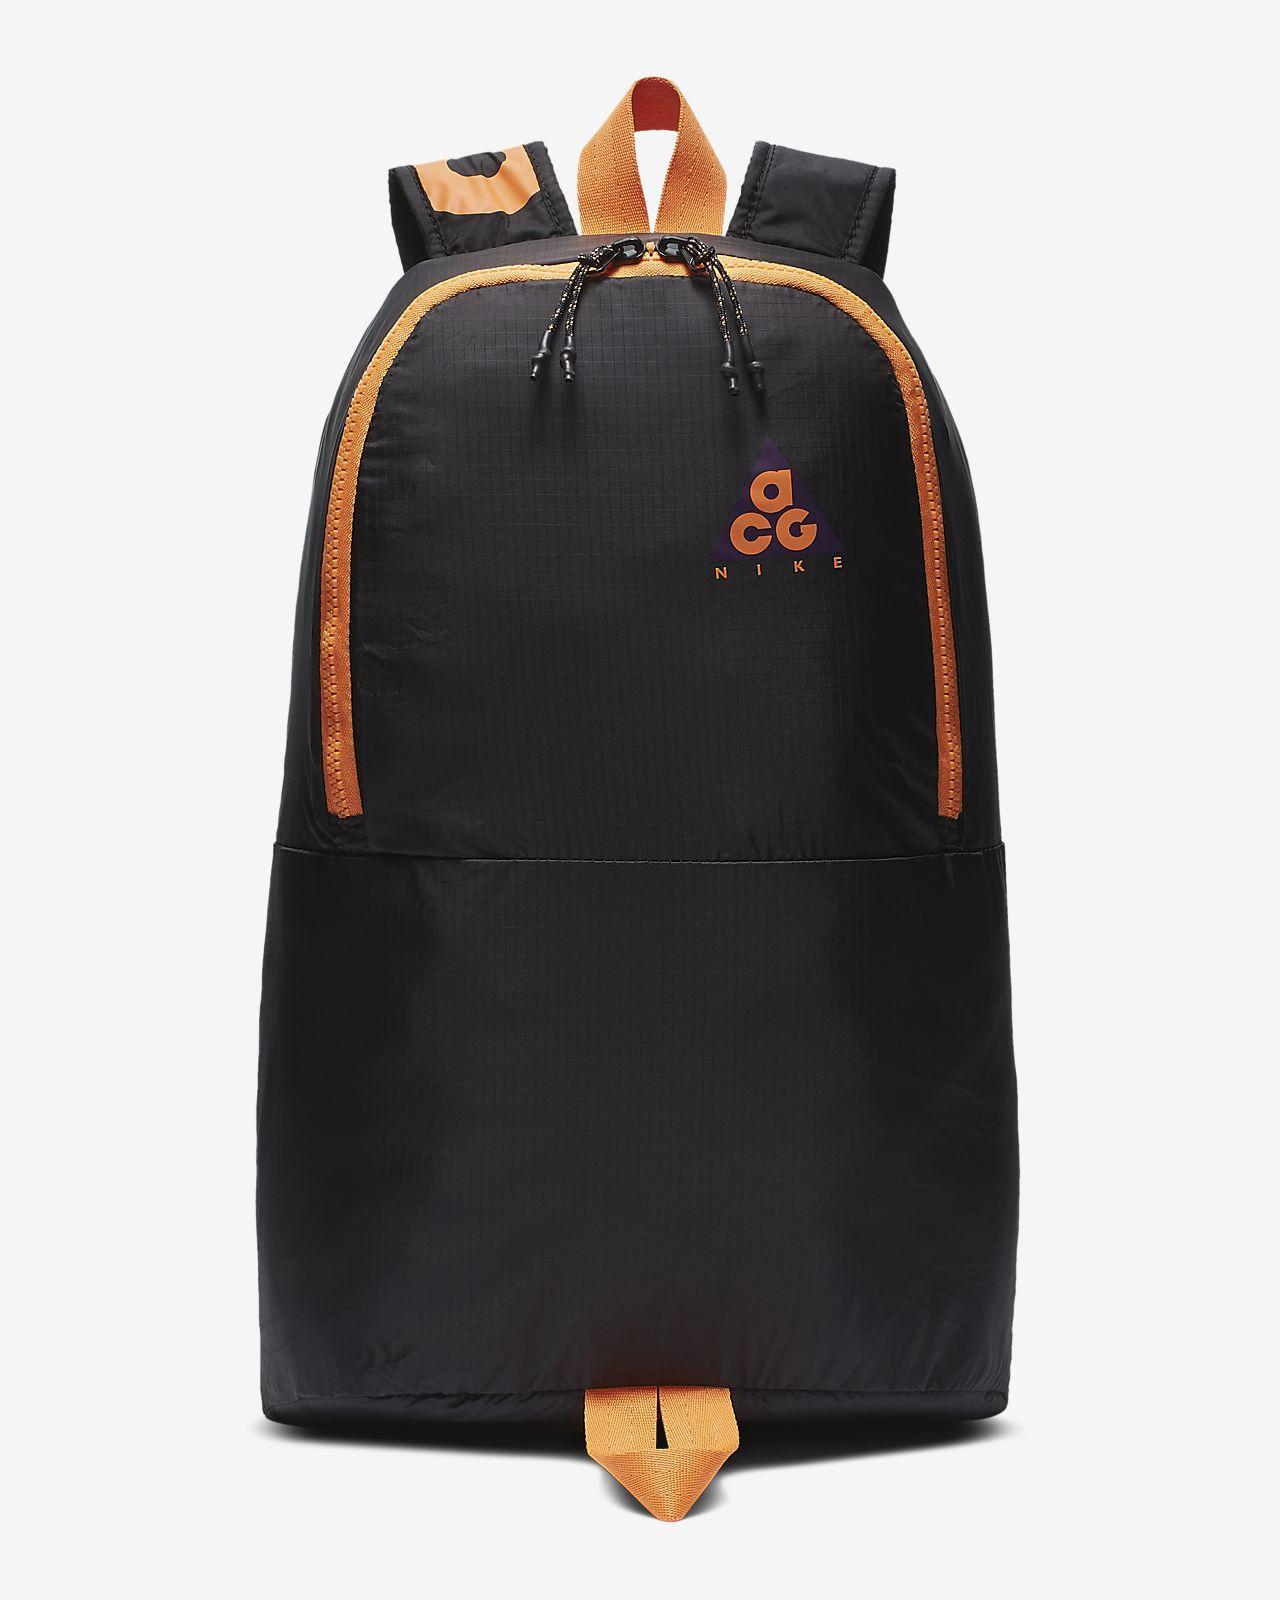 6cb47bff49c Nike ACG Packable Backpack. Nike.com SG